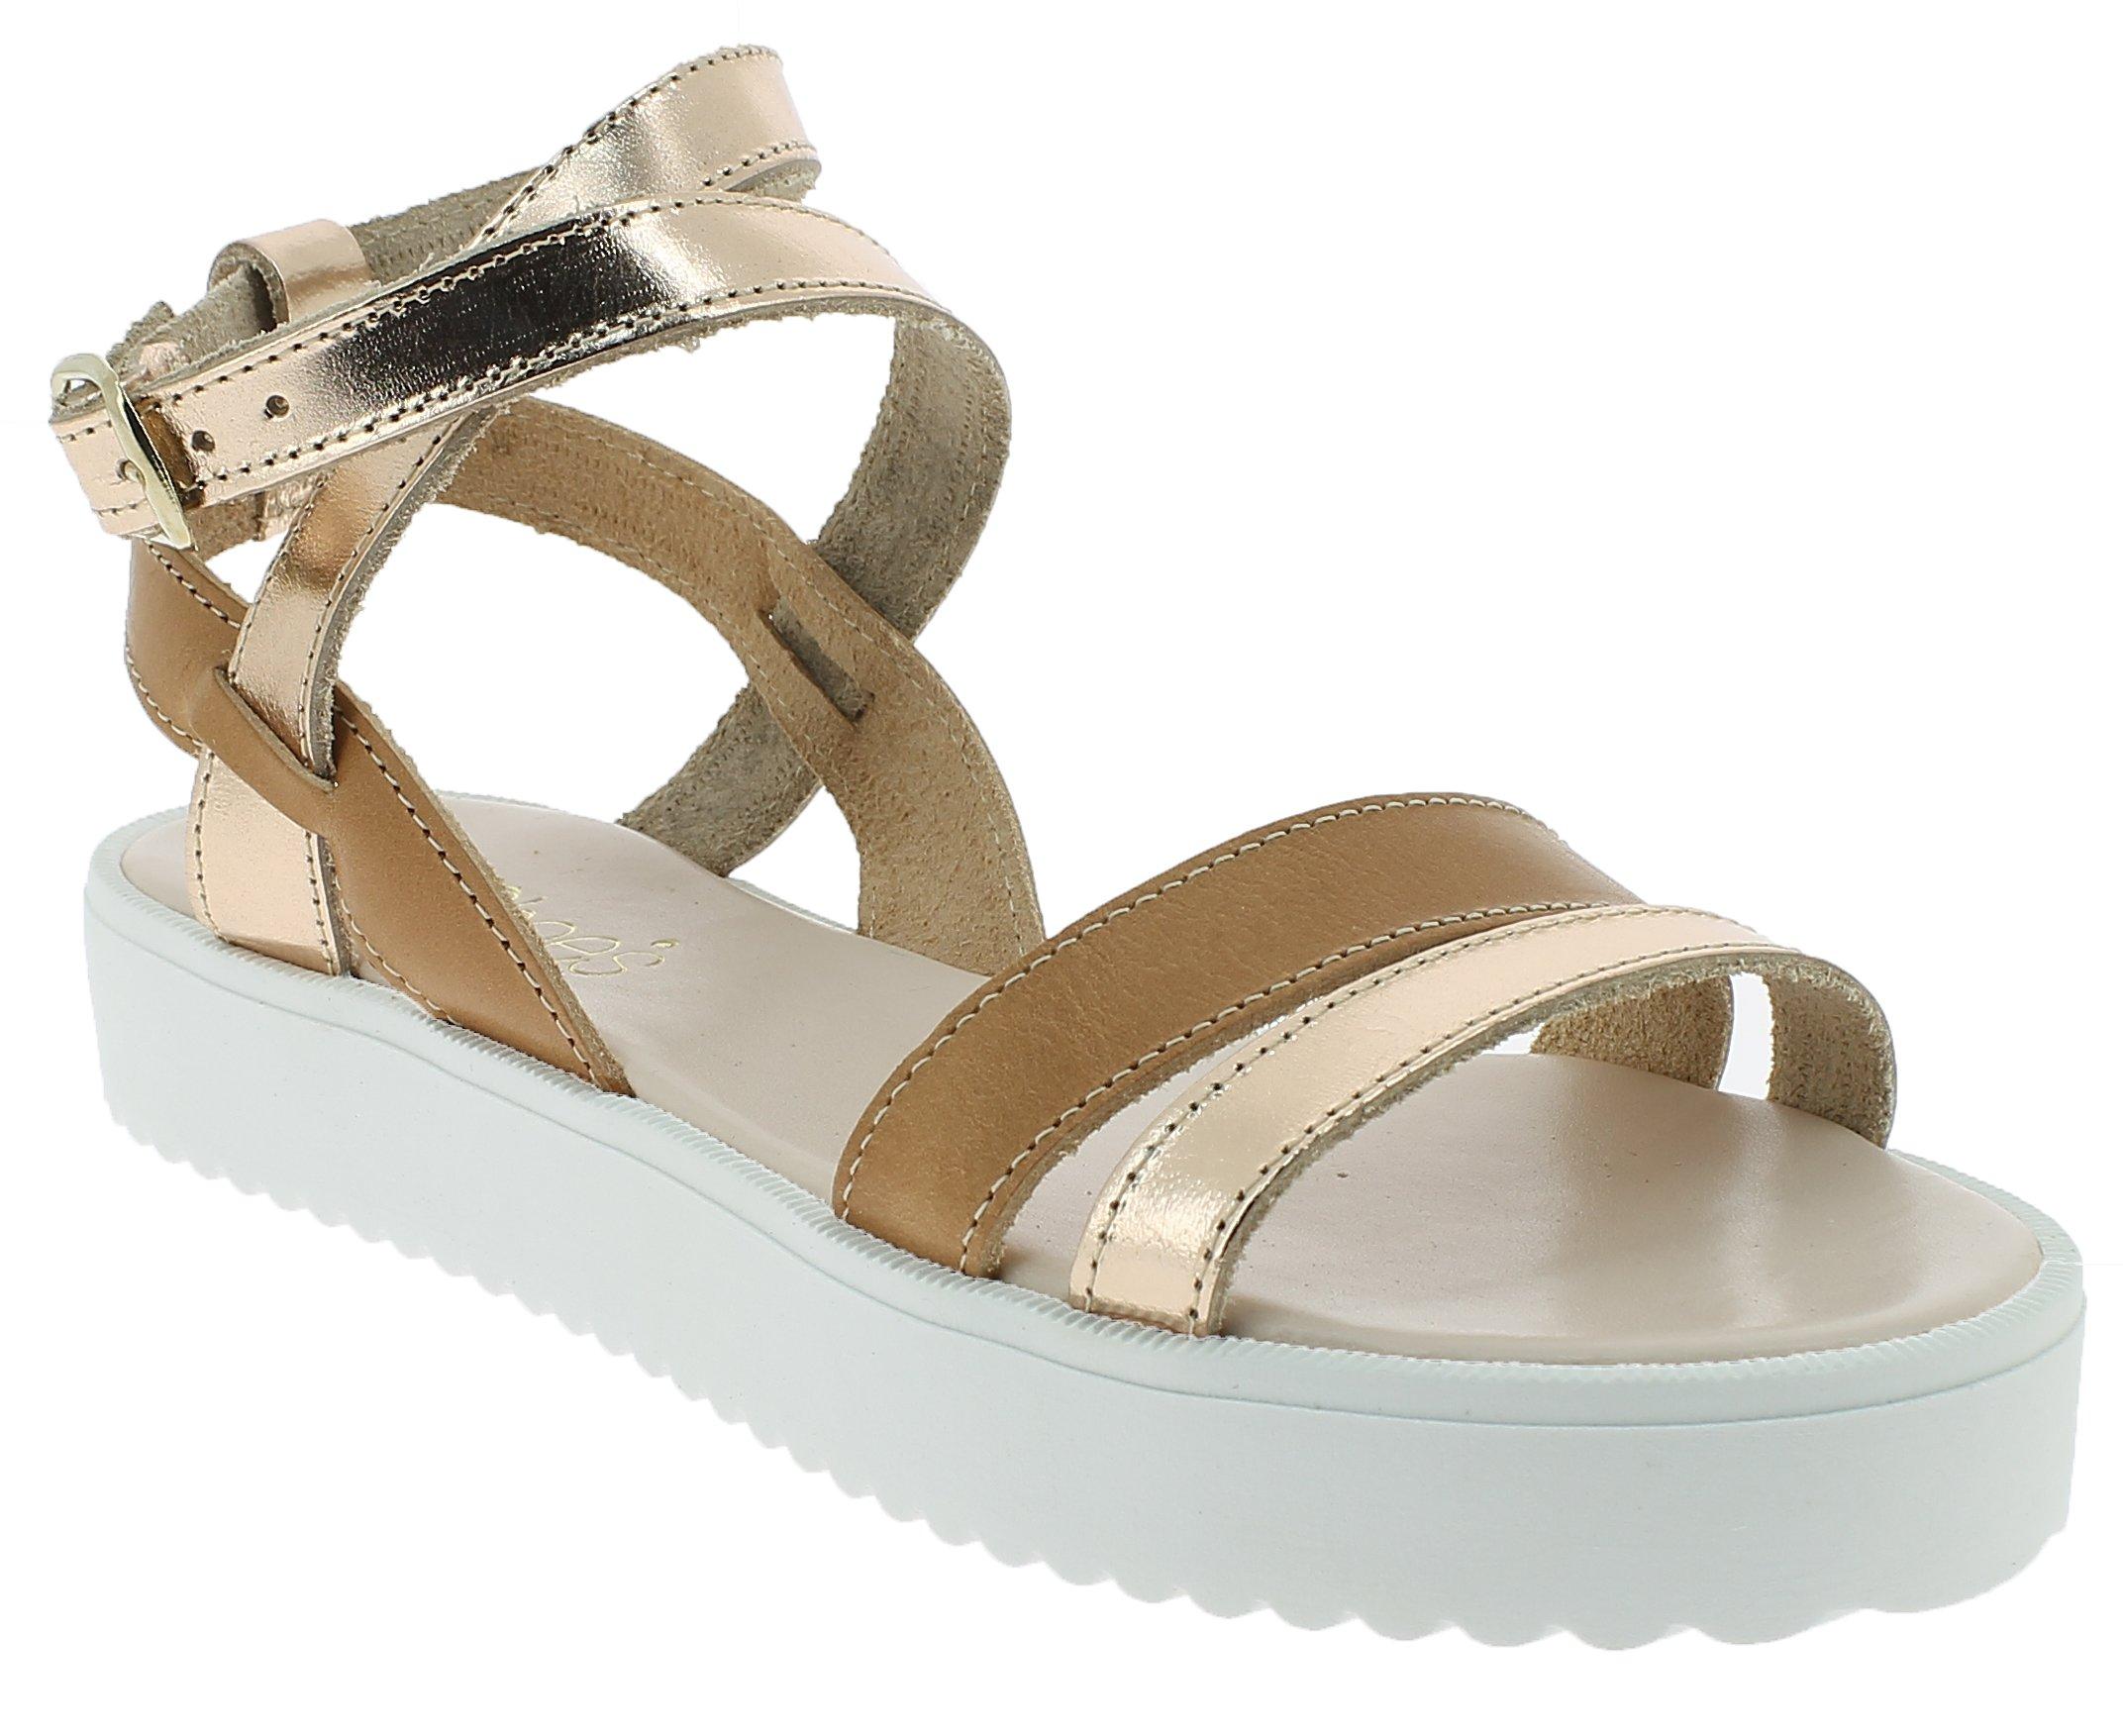 IQSHOES Γυναικείο Πέδιλο B61 Μπεζ - IqShoes - 50.B61 beige 40/1/7/8 παπούτσια  προσφορεσ